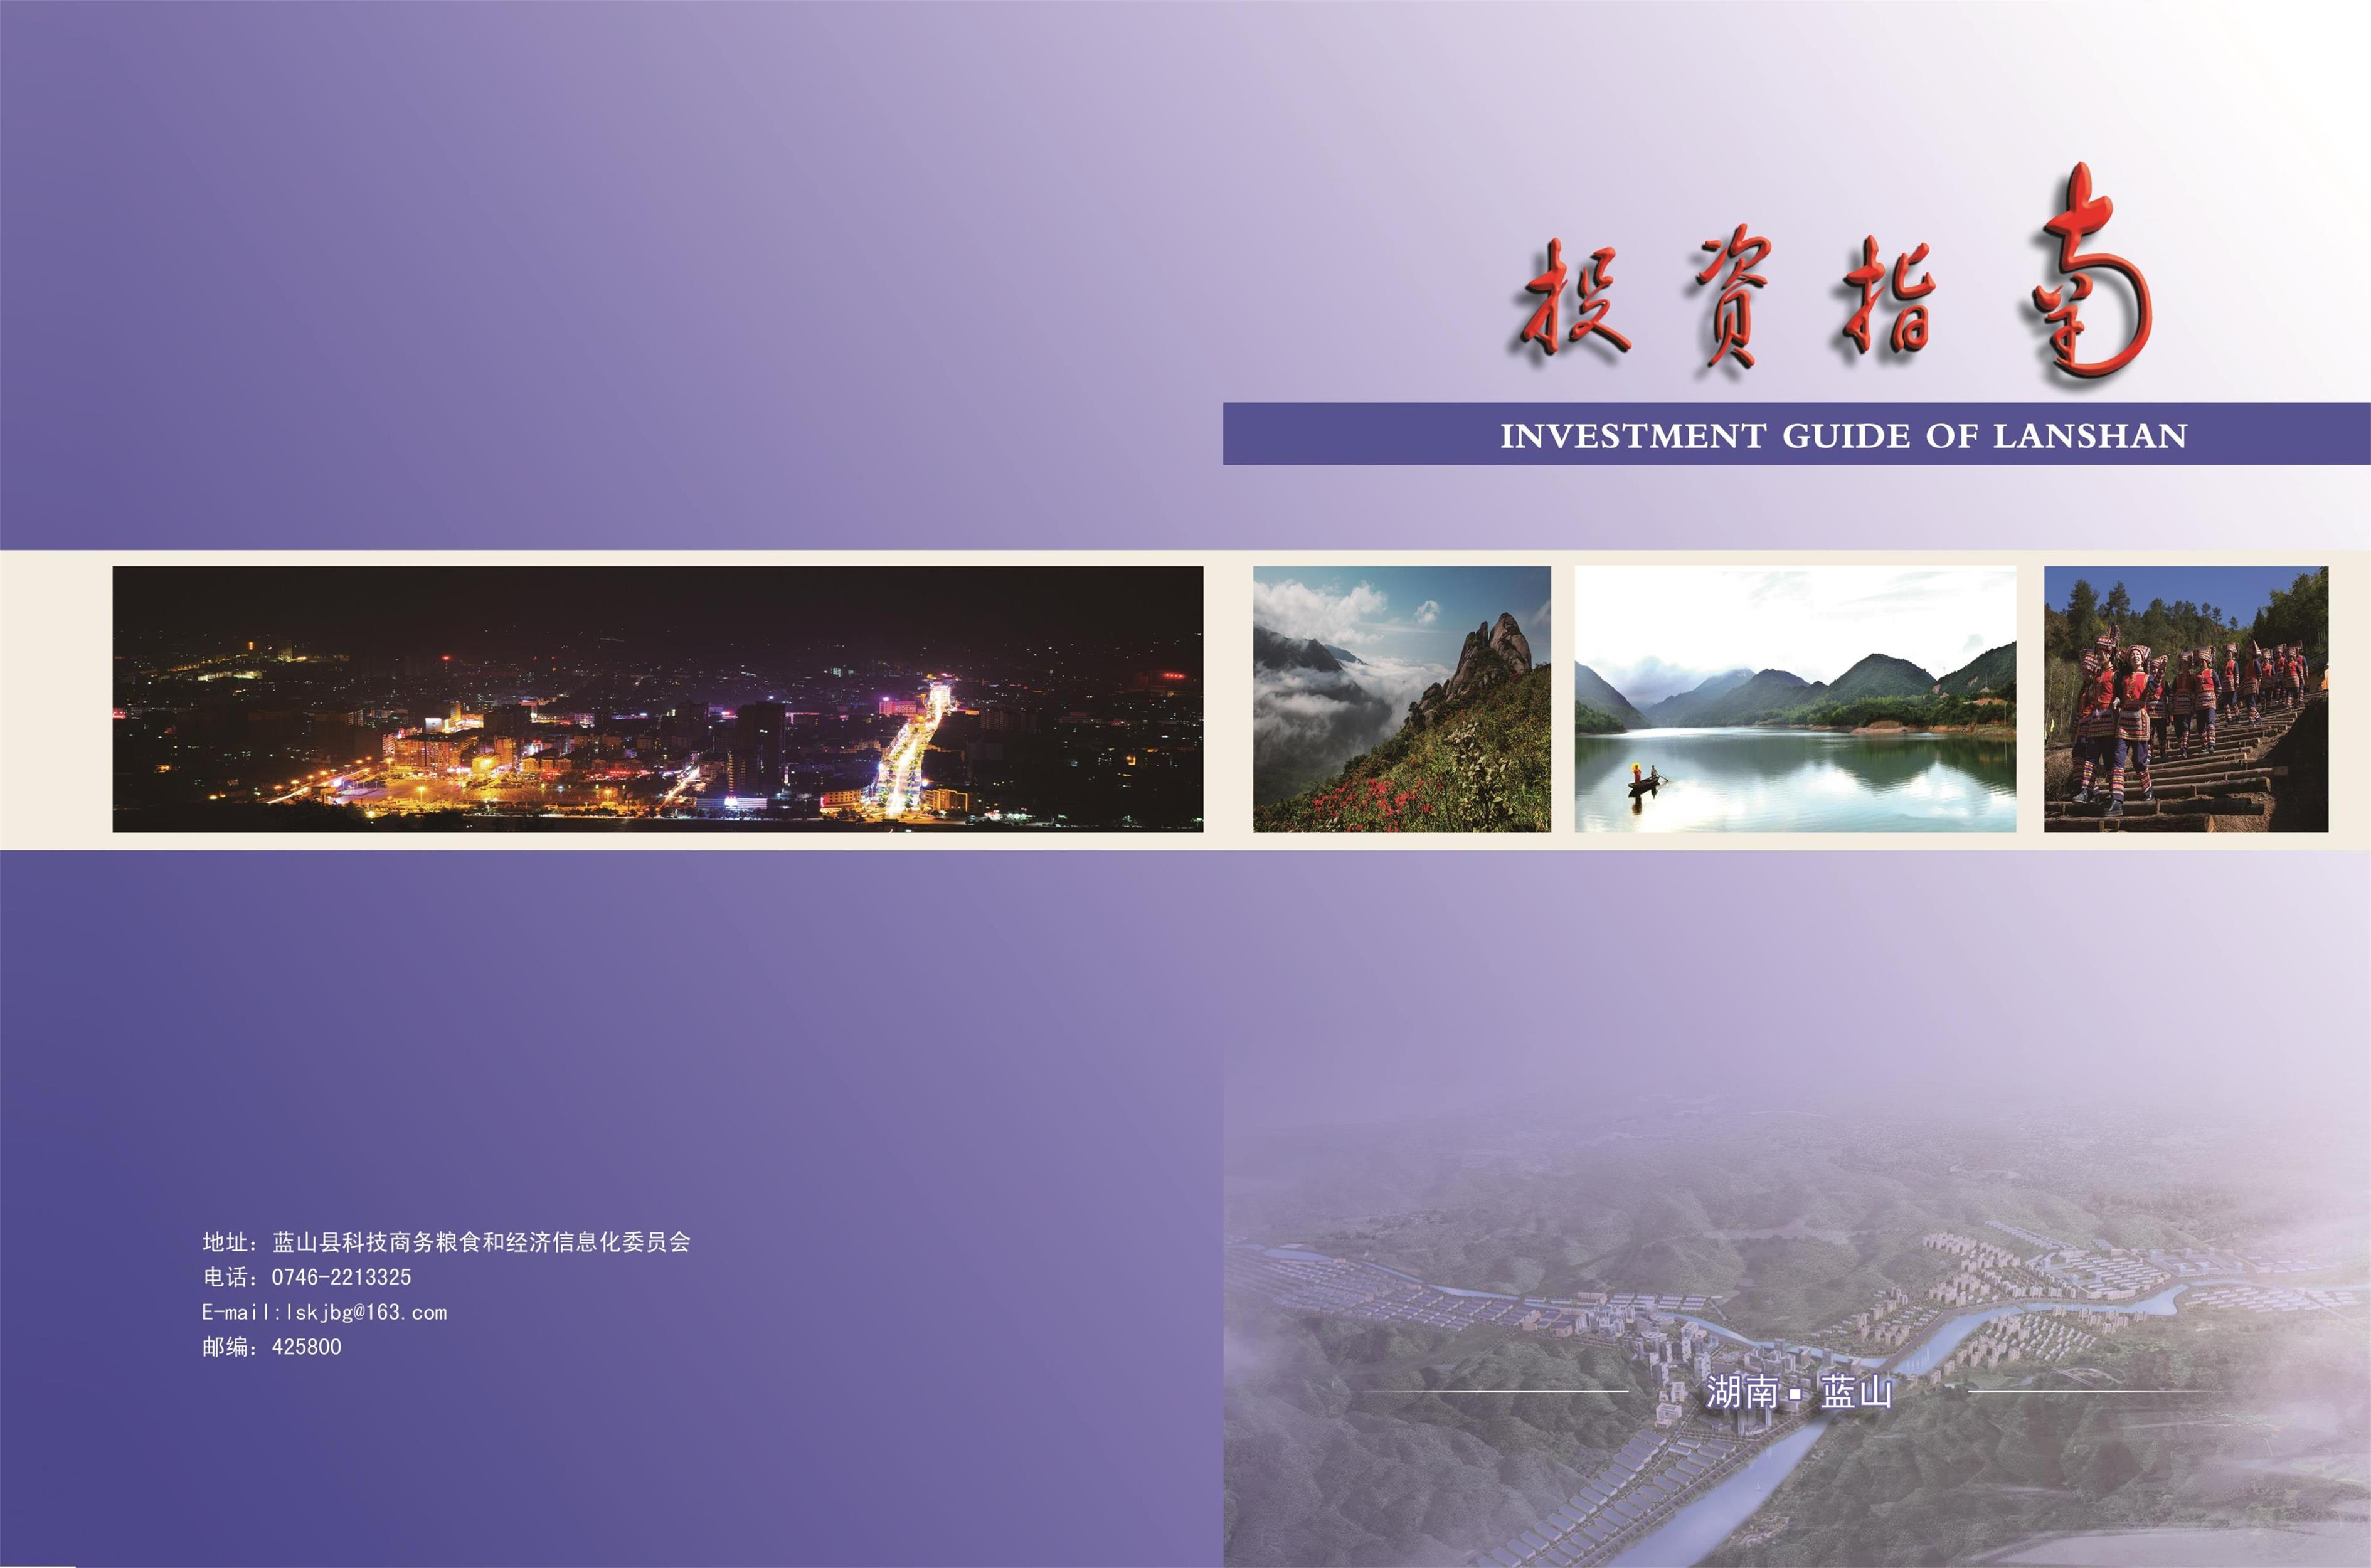 湖南蓝山投资指南手册印刷